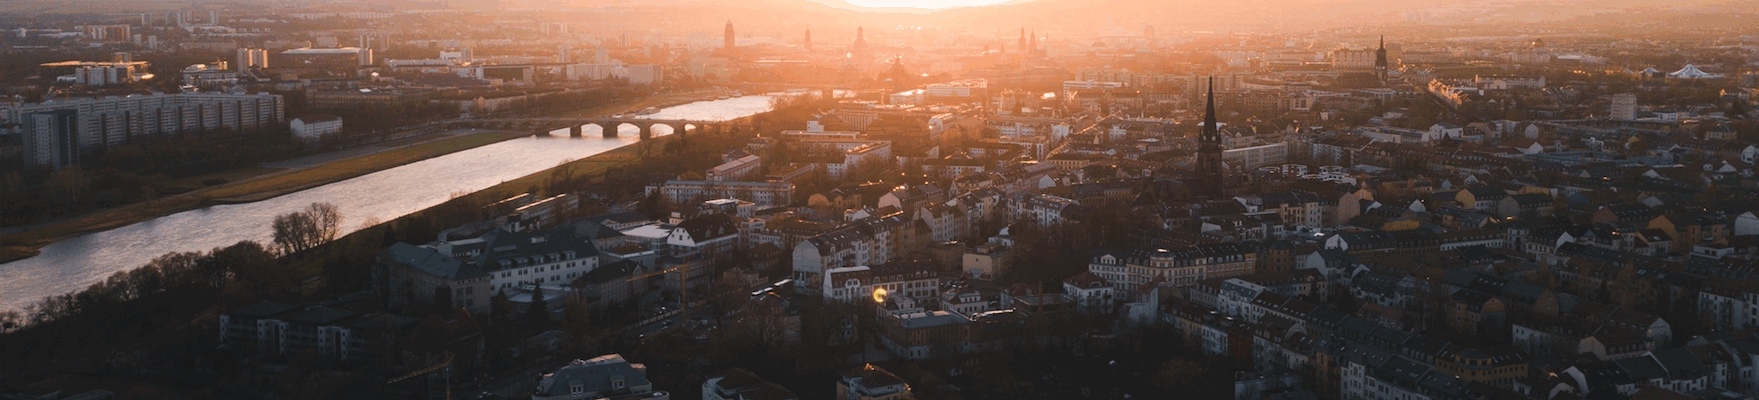 Lustige Stadtrundfahrt in sächischer Mundart Dresden 15.9.